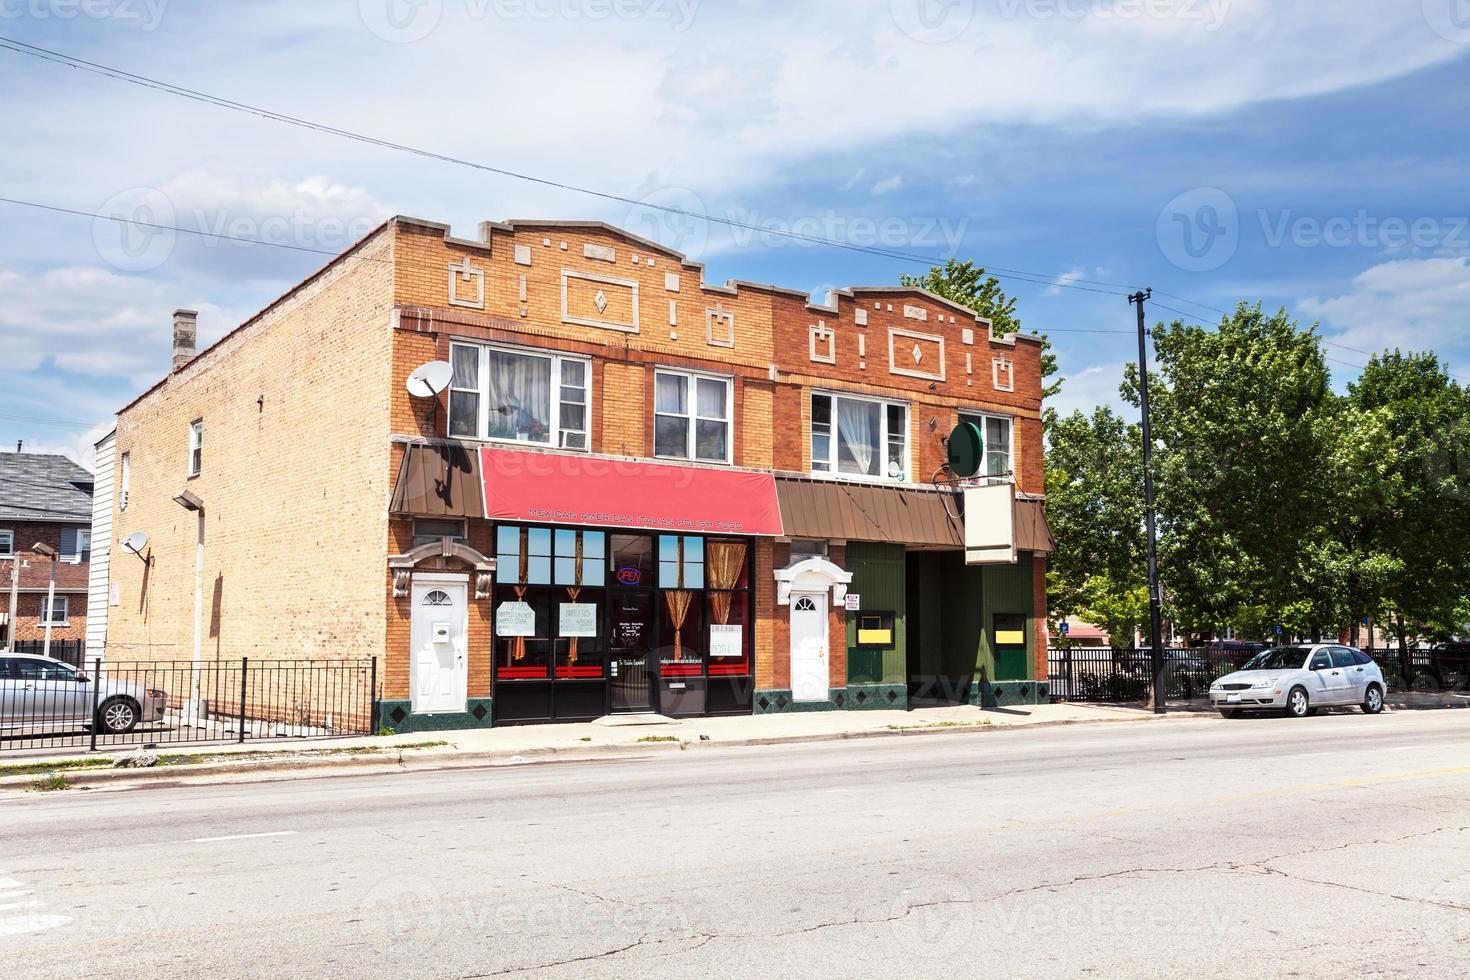 kvarterbar och restaurang i bågskytthöjder, chicago foto